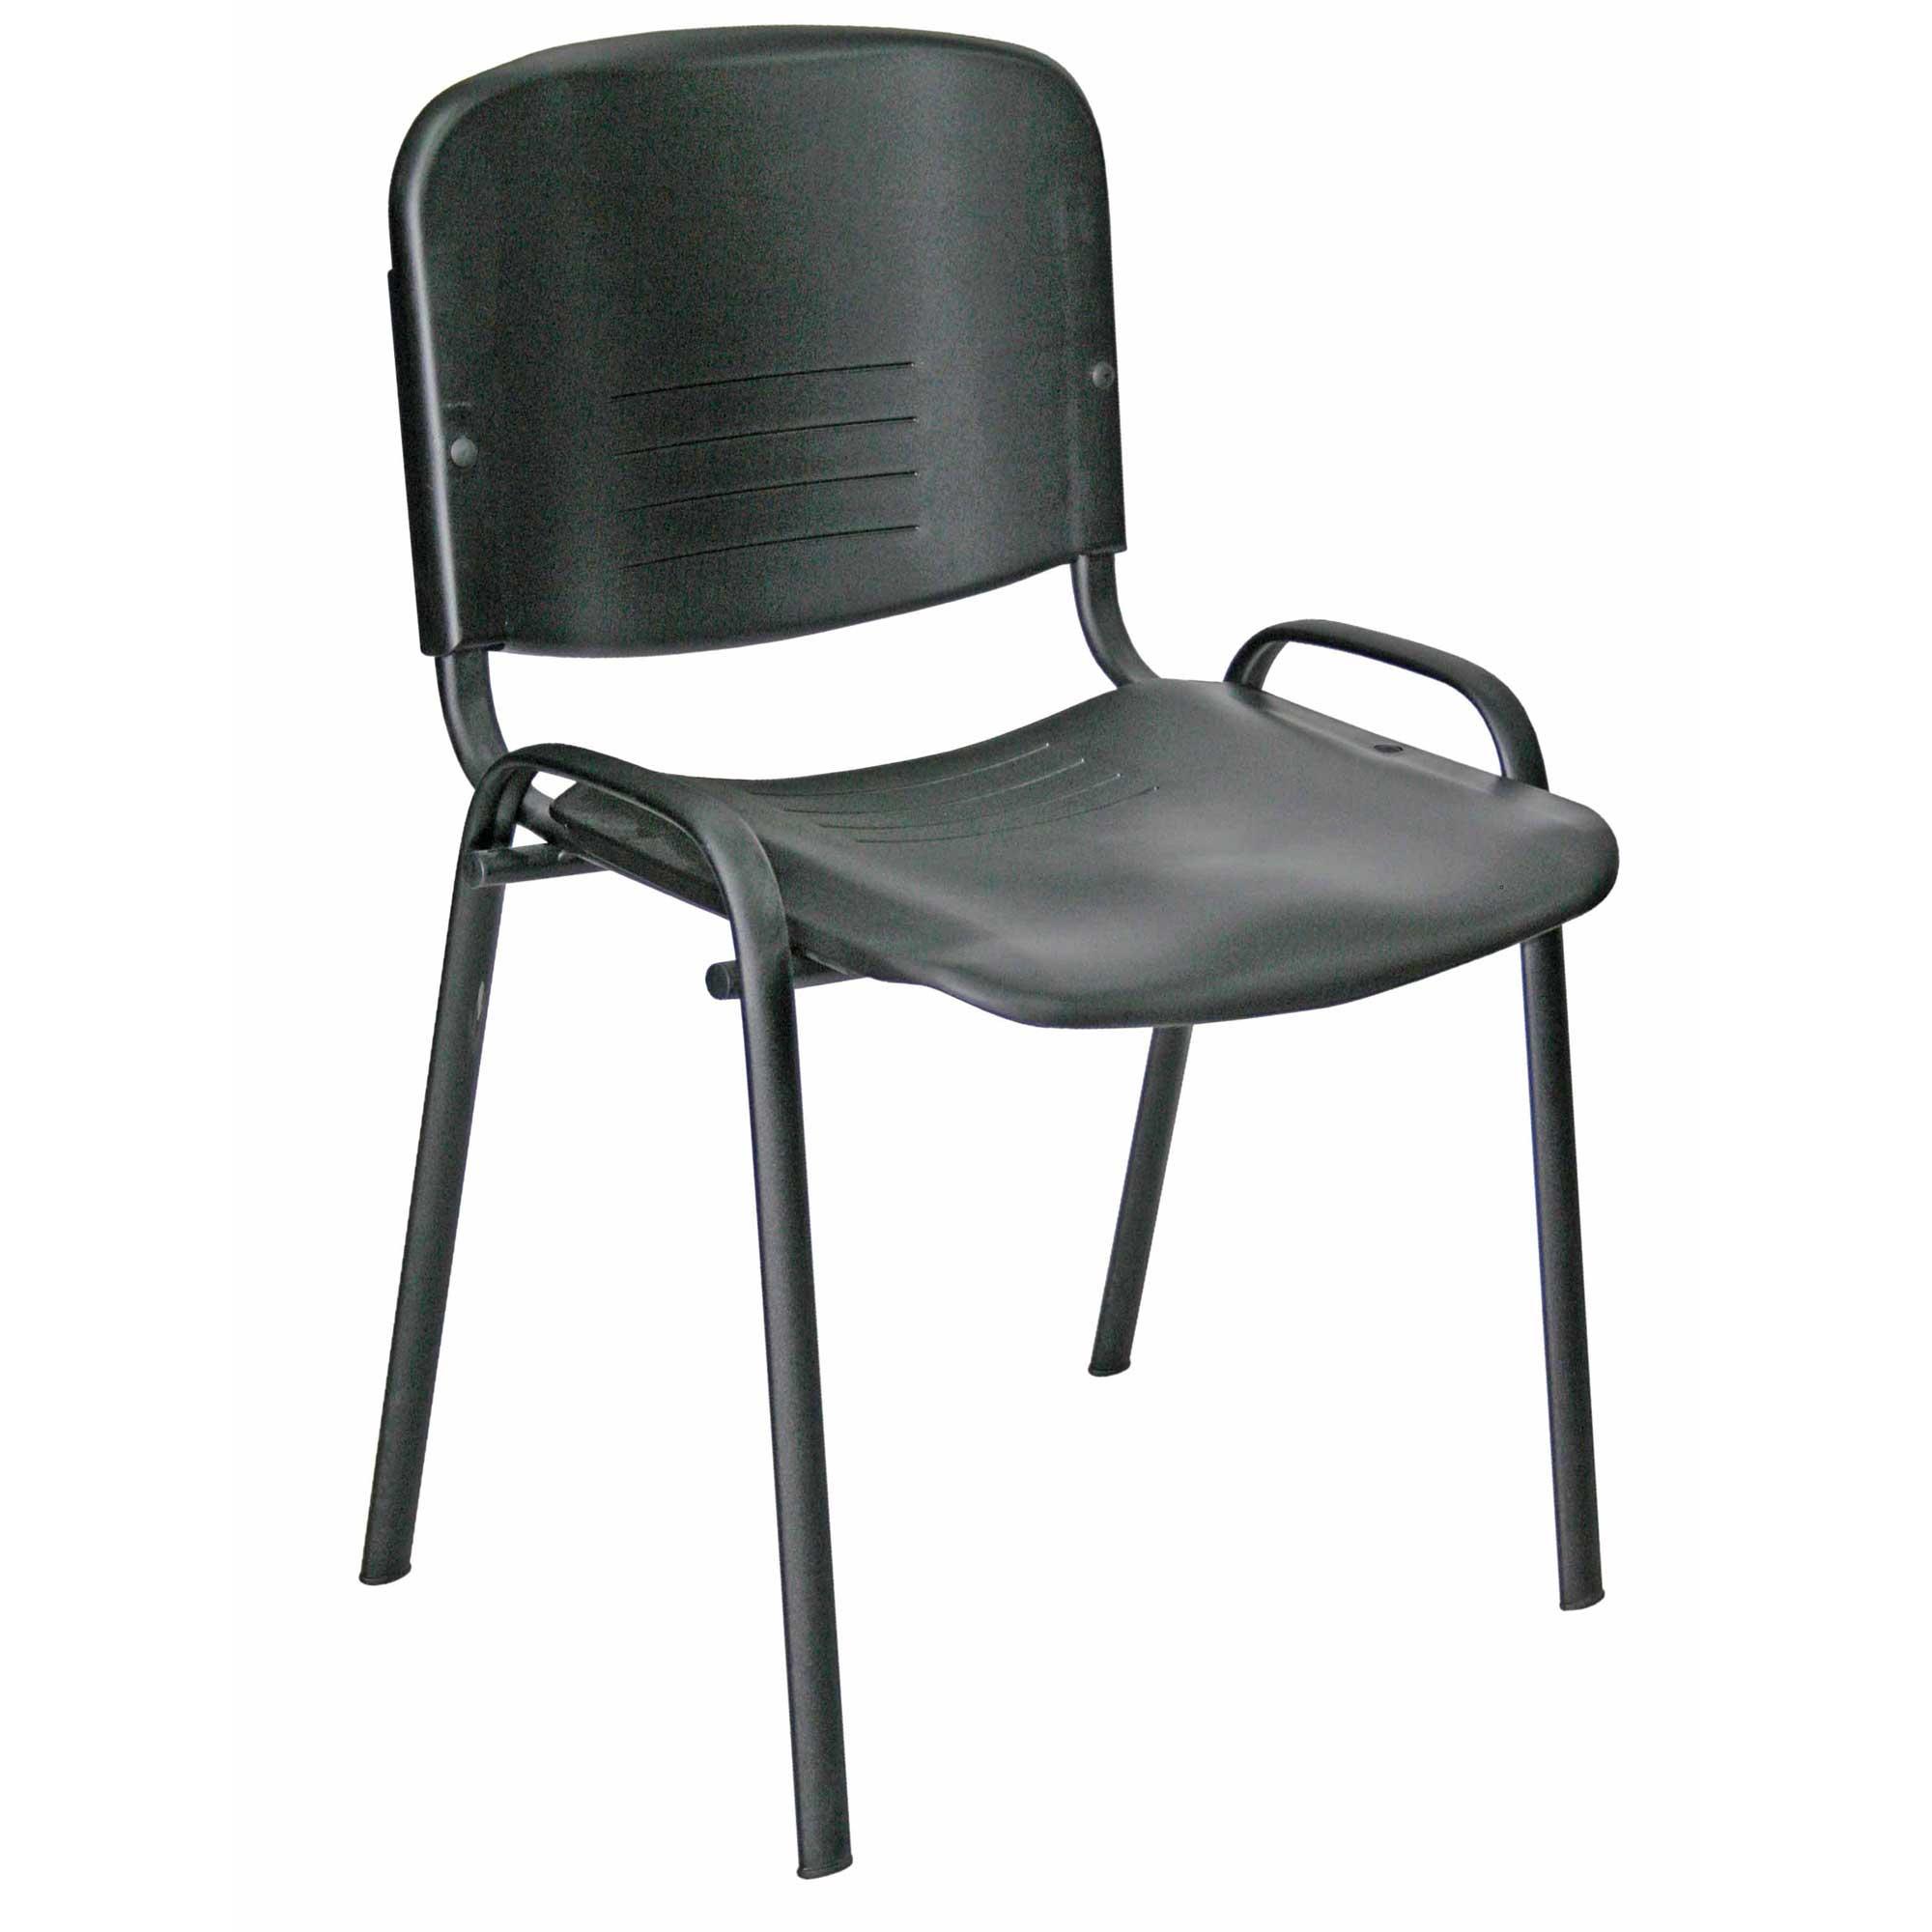 Silla de espera ohv 2600 grupo meta soluciones de for Muebles y sillas para oficina